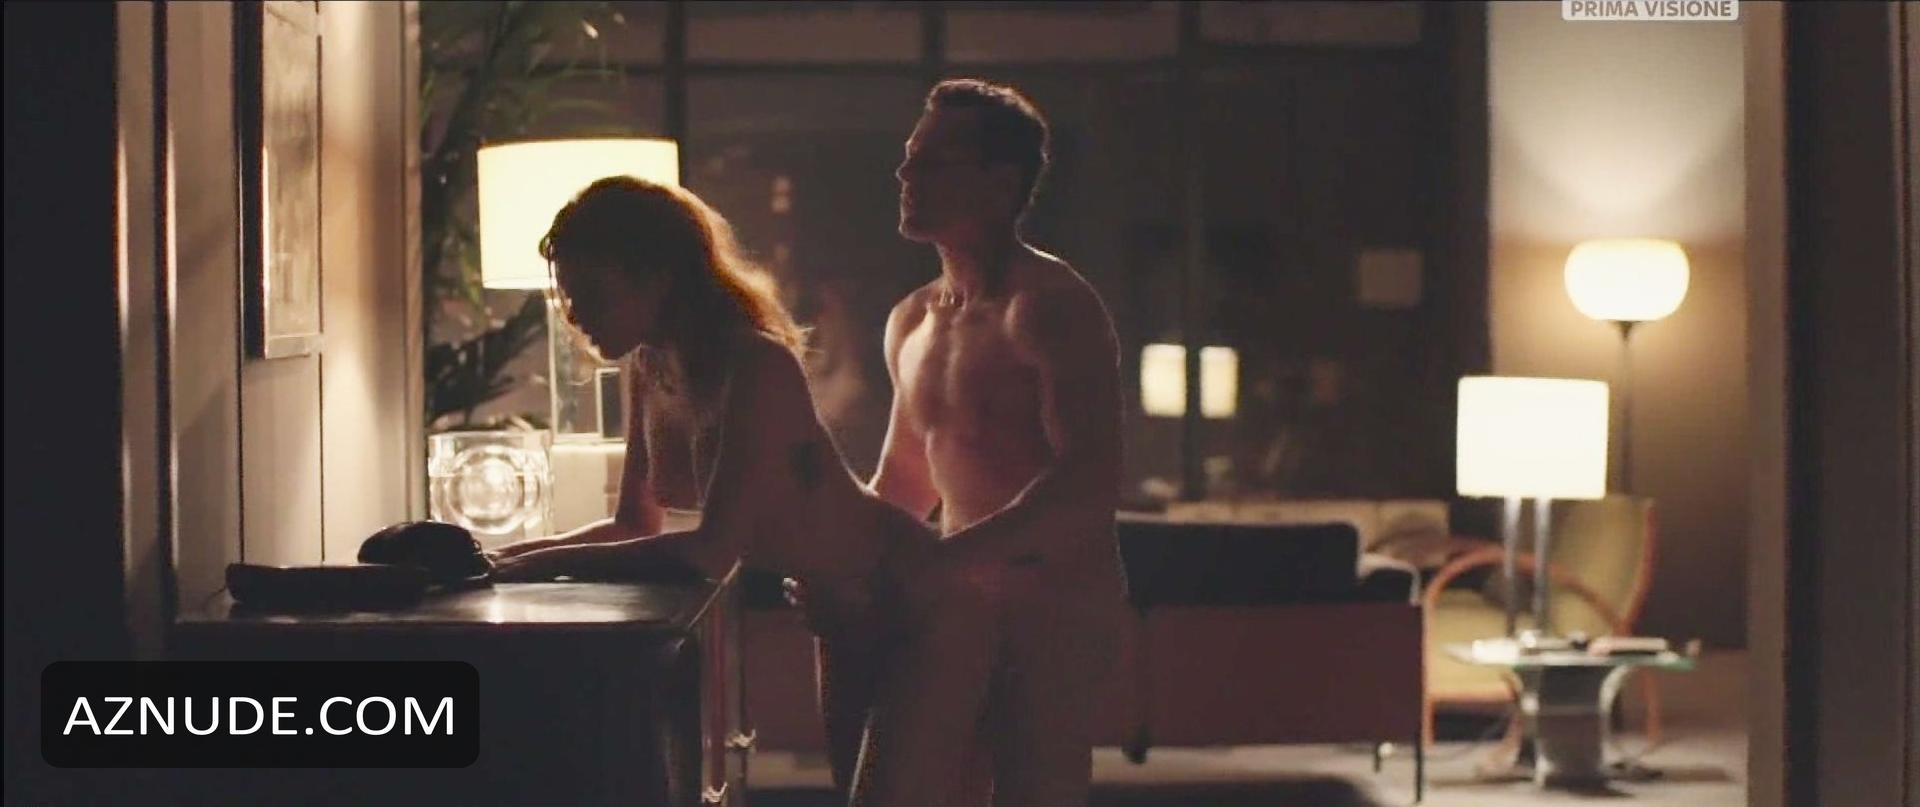 Kristen stewart nude scene in personal shopper scandalplanet - 2 part 4